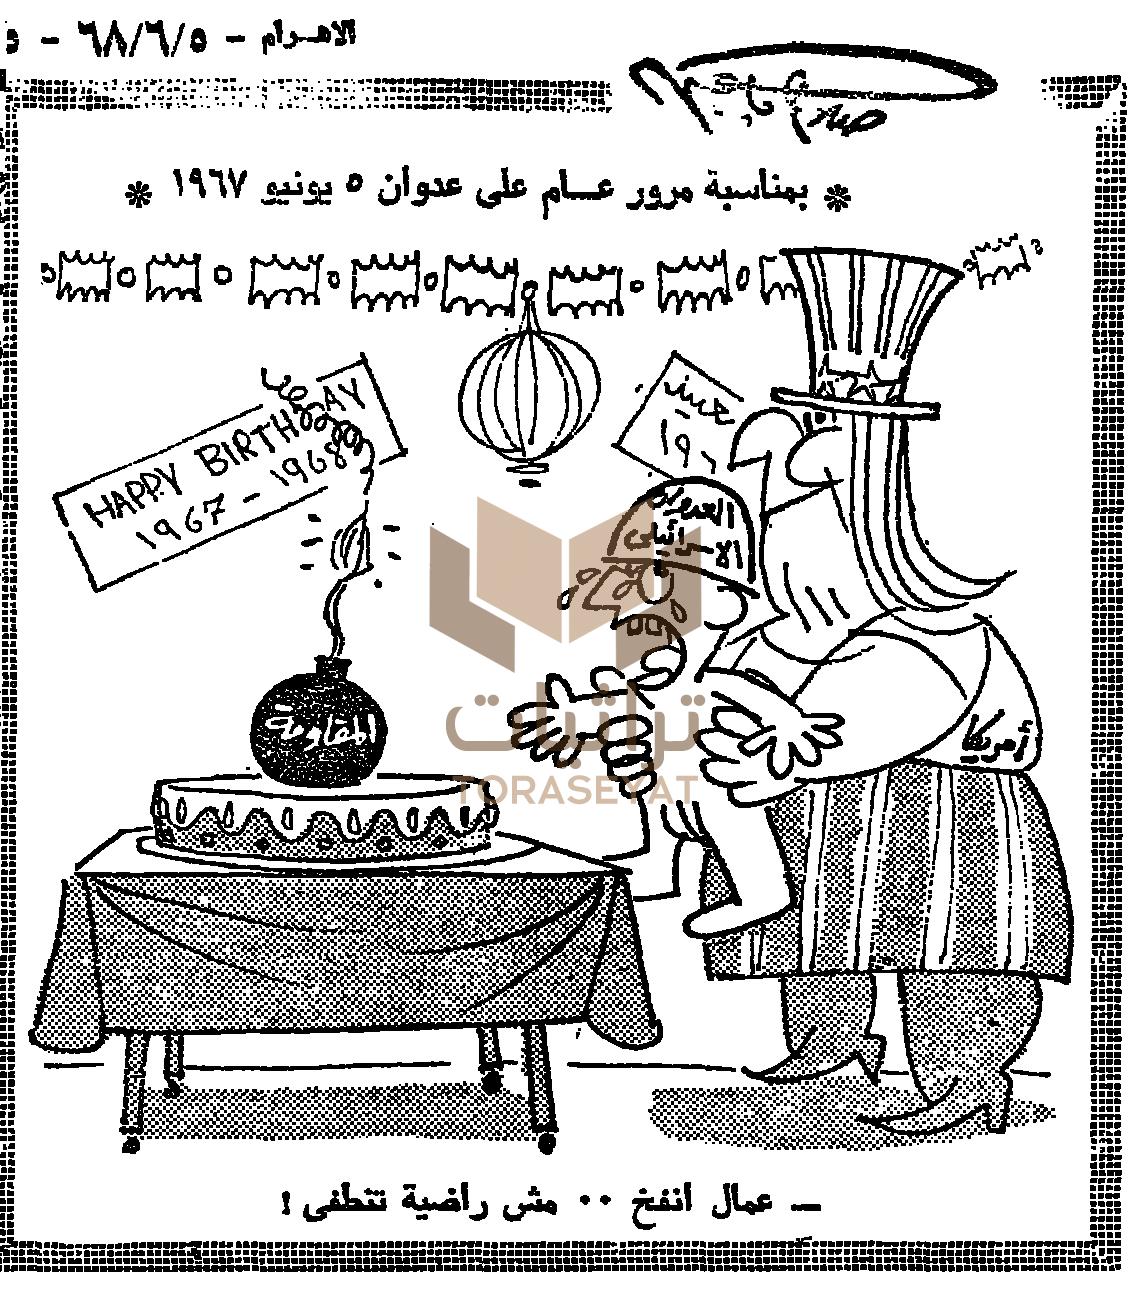 كاريكاتير صلاح جاهين في الذكرى الأولى للنكسة